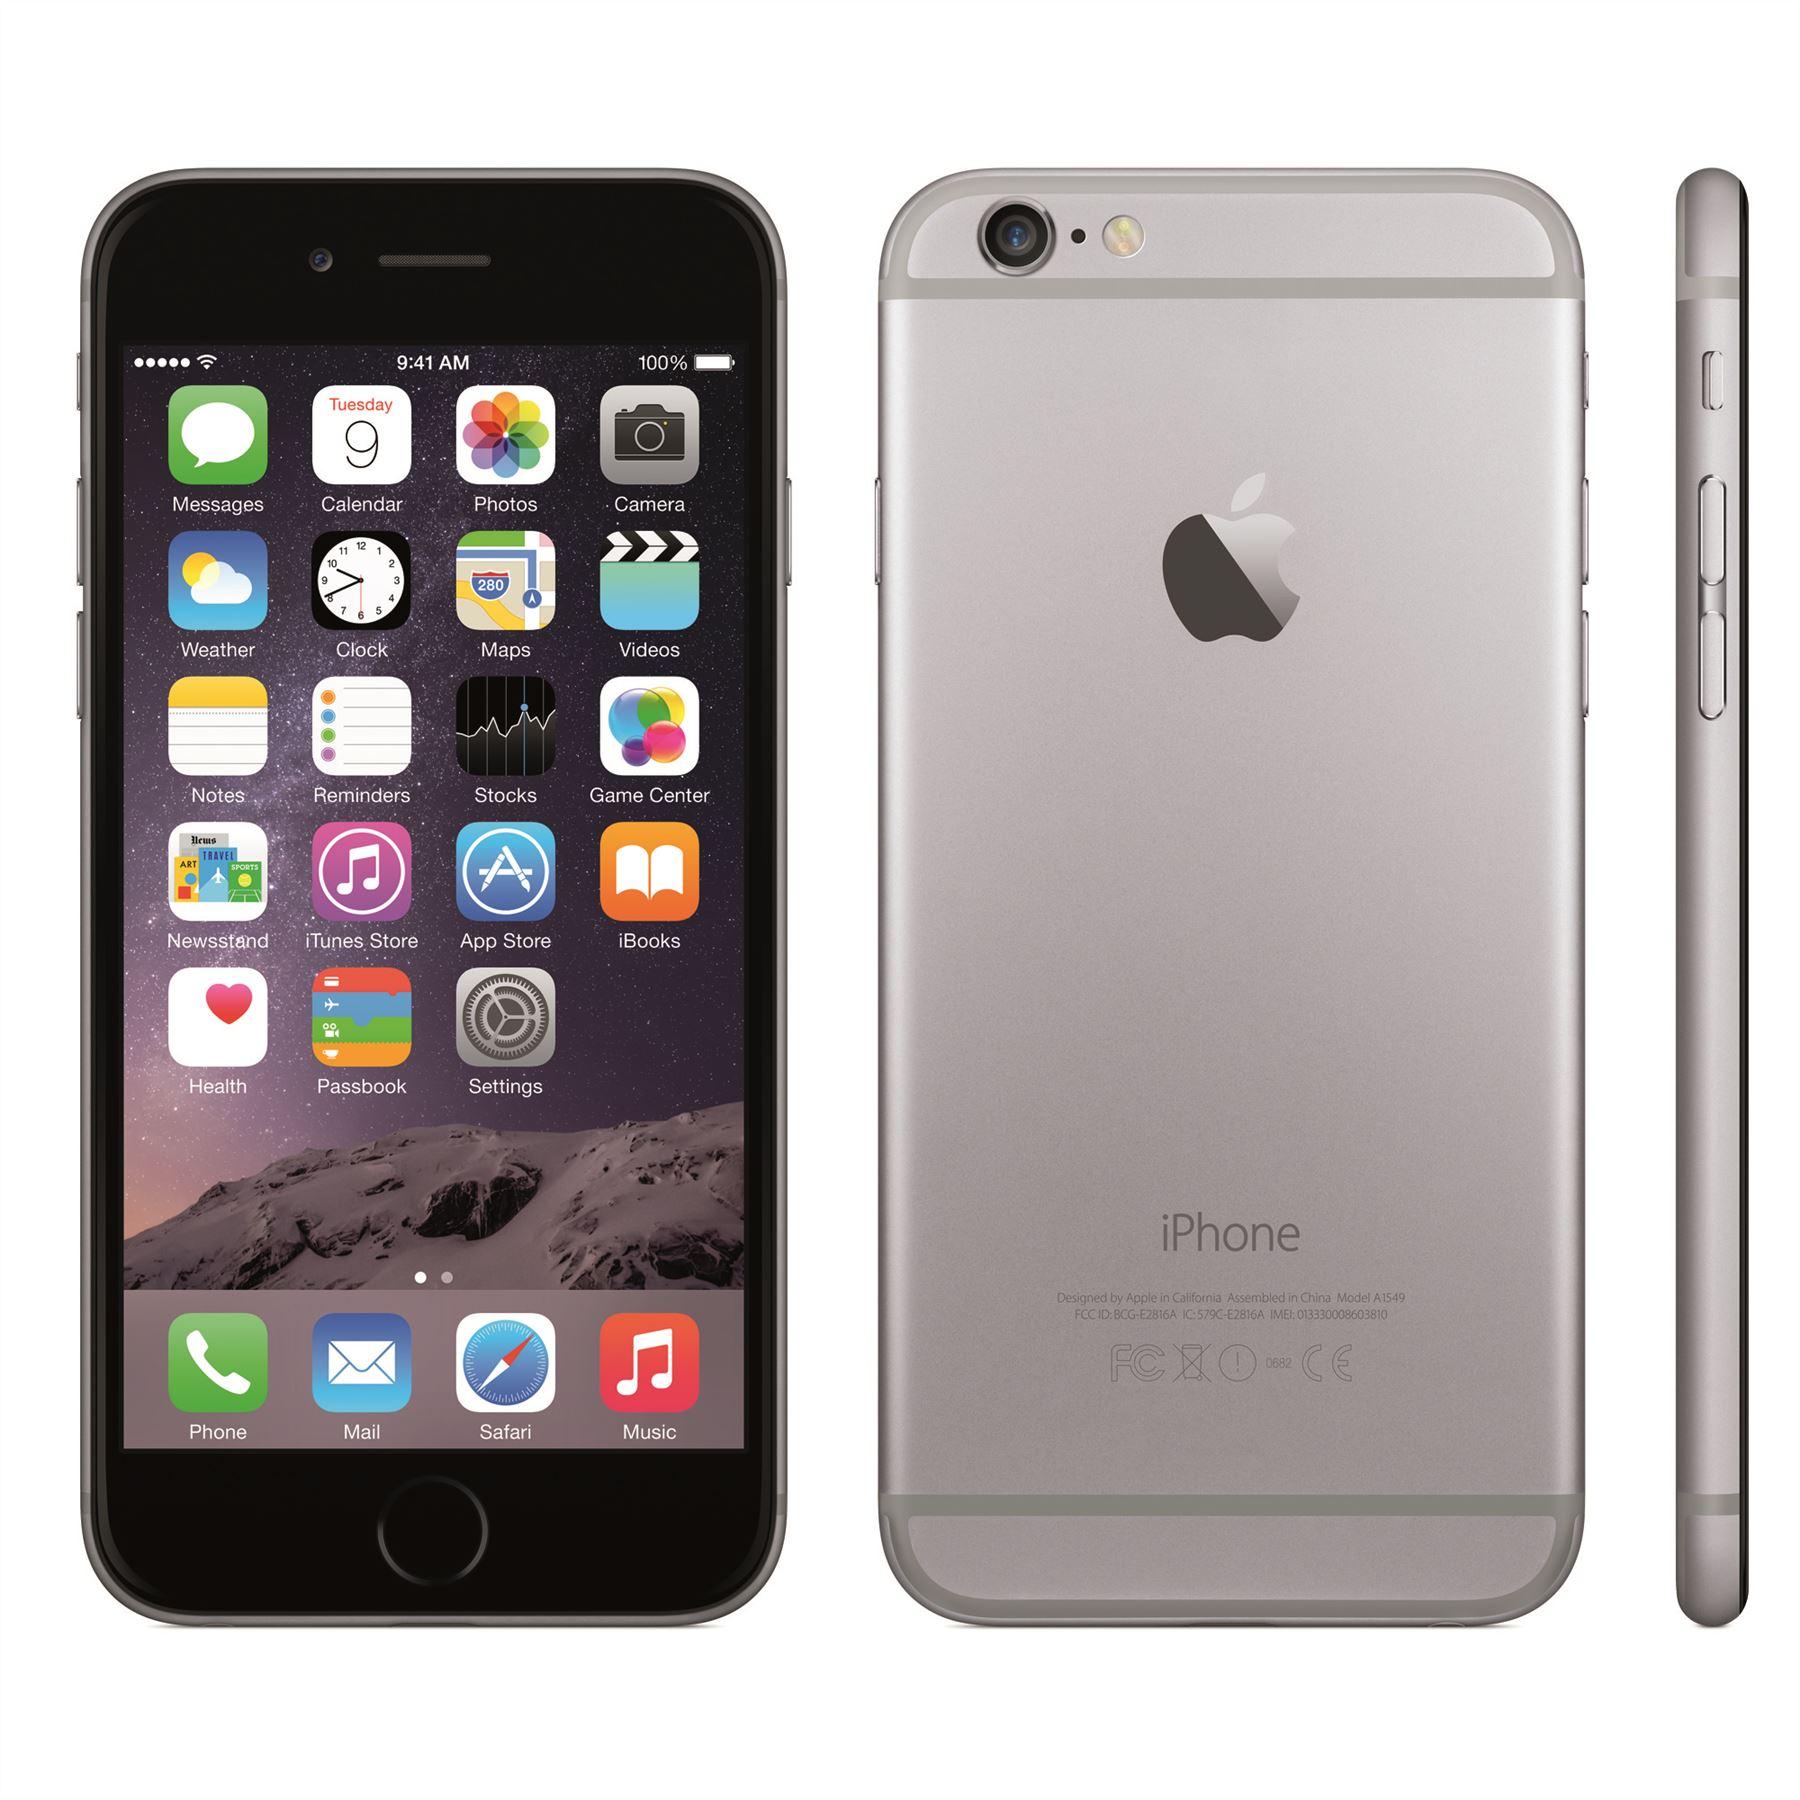 Celular Smartphone Apple iPhone 6 16GB Cinza (1549) Reacondicionado